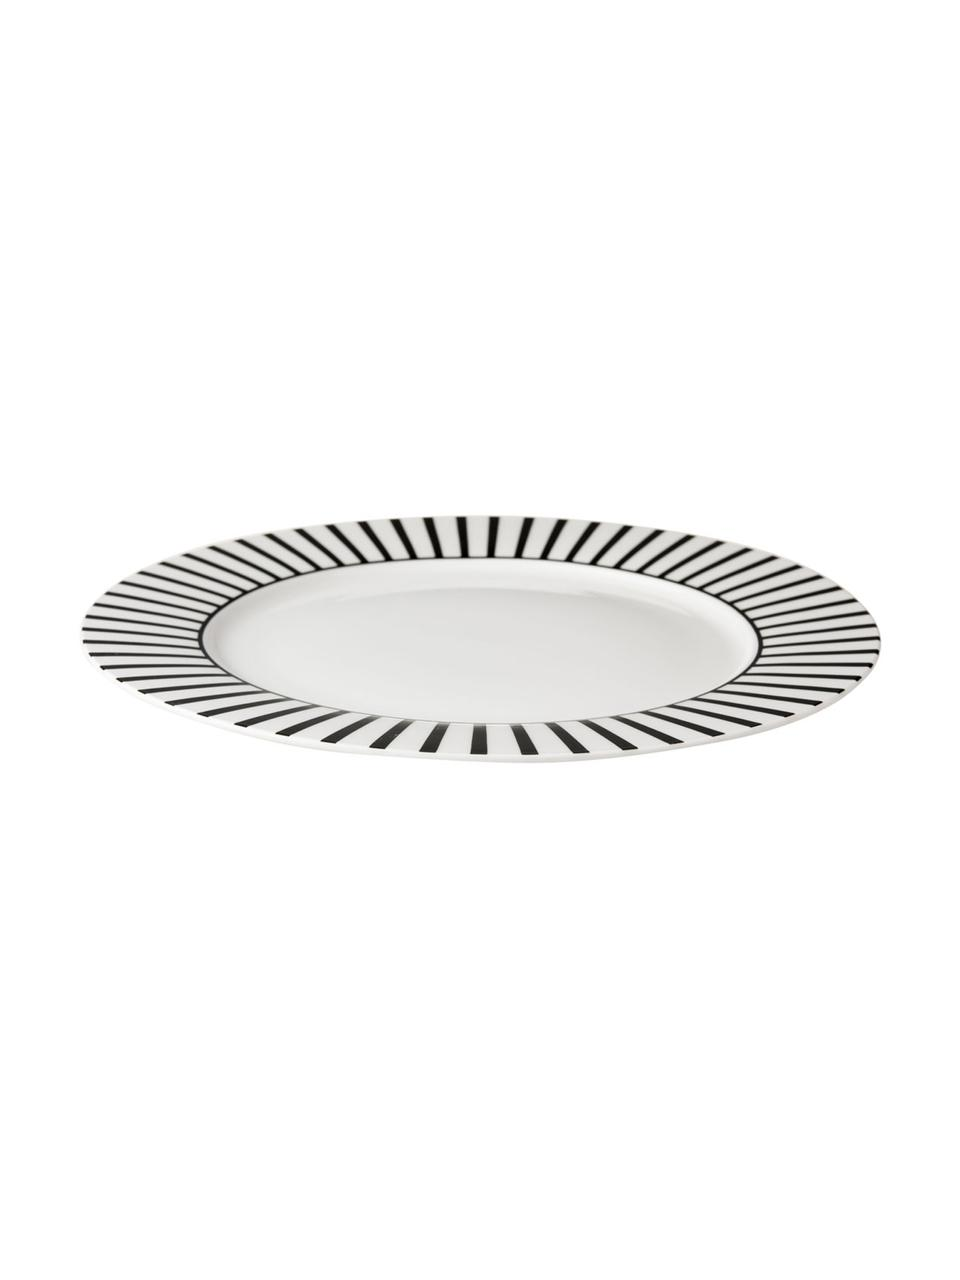 Talerz duży Ceres Loft, 4 szt., Porcelana, Biały, czarny, Ø 26  x W 2 cm